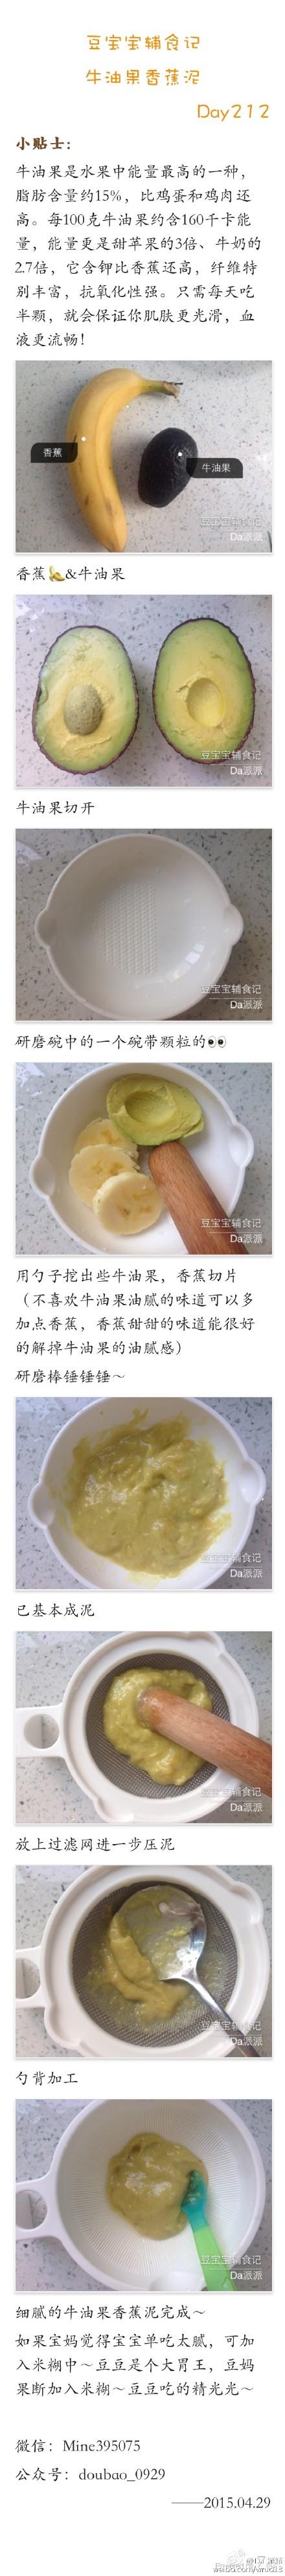 牛油果香蕉泥适合6个月以上的宝宝,这个研磨棒锤挺可爱的!